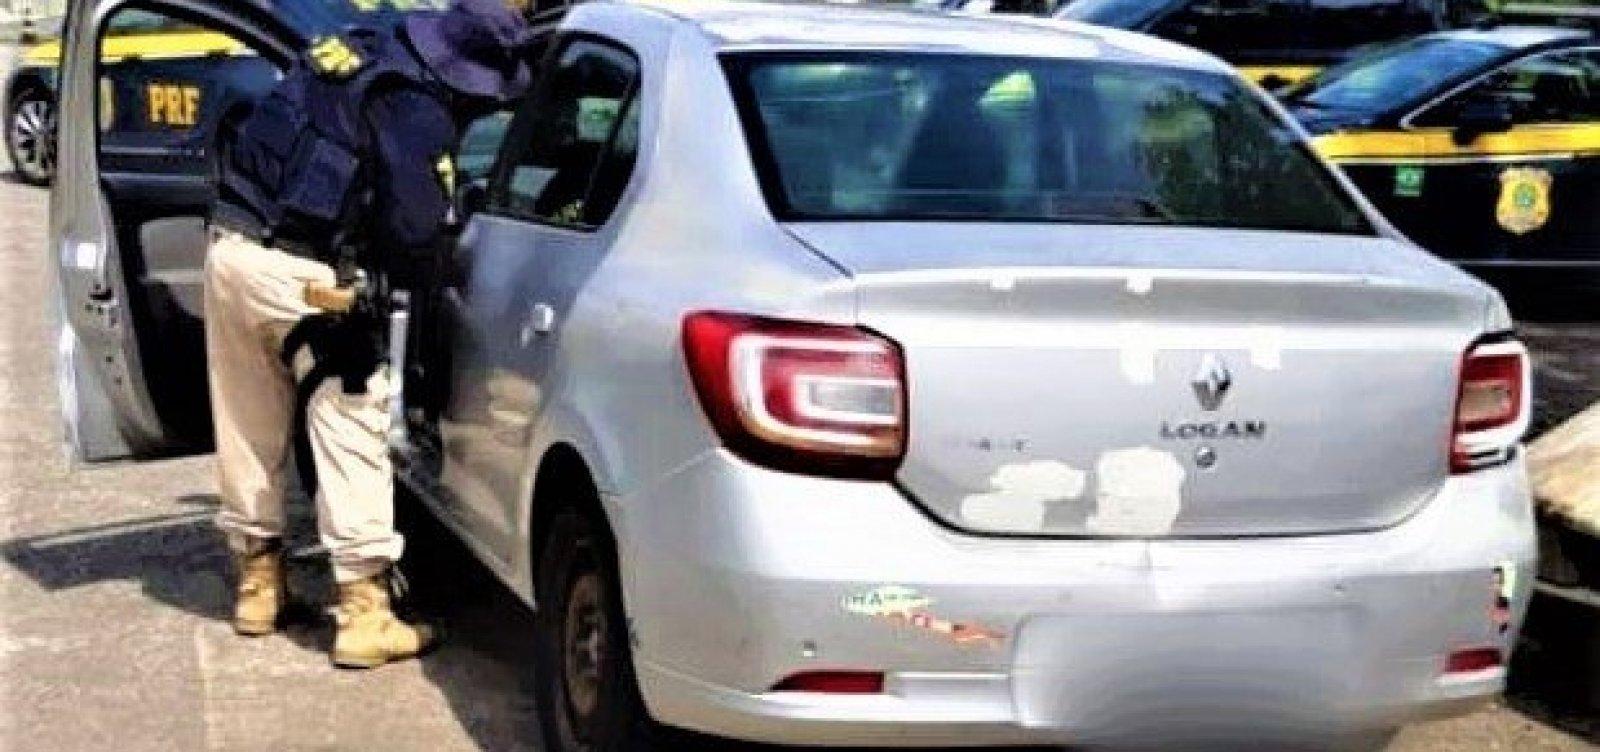 PRF apreende veículo com mais de R$ 60 mil em multas de trânsito